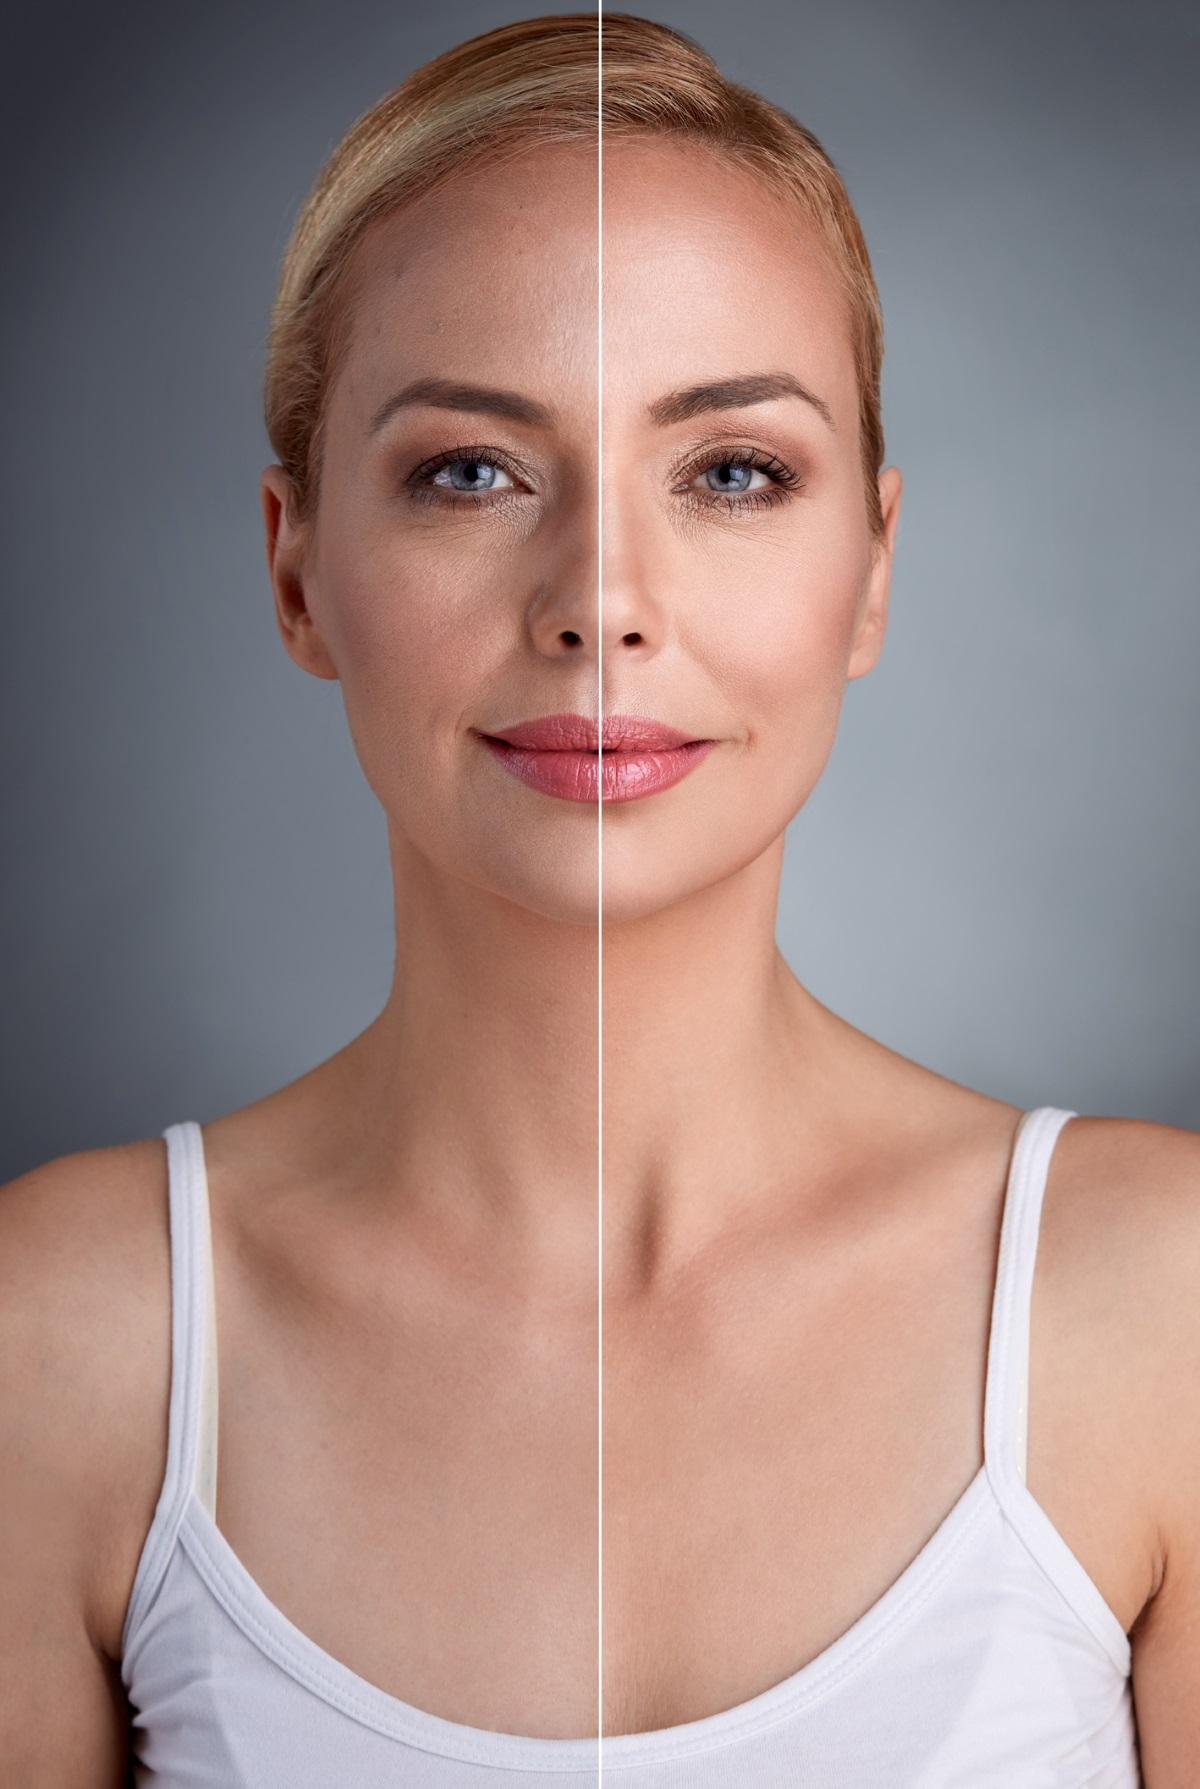 2. Забавя стареенето - до това заключение достигат холандски учени.При 87% от жените на възраст от 35 до 40 г. старческите петна изчезнали, а кожата станала по-стегната. При мъжете бръчките около очите се изгладили.